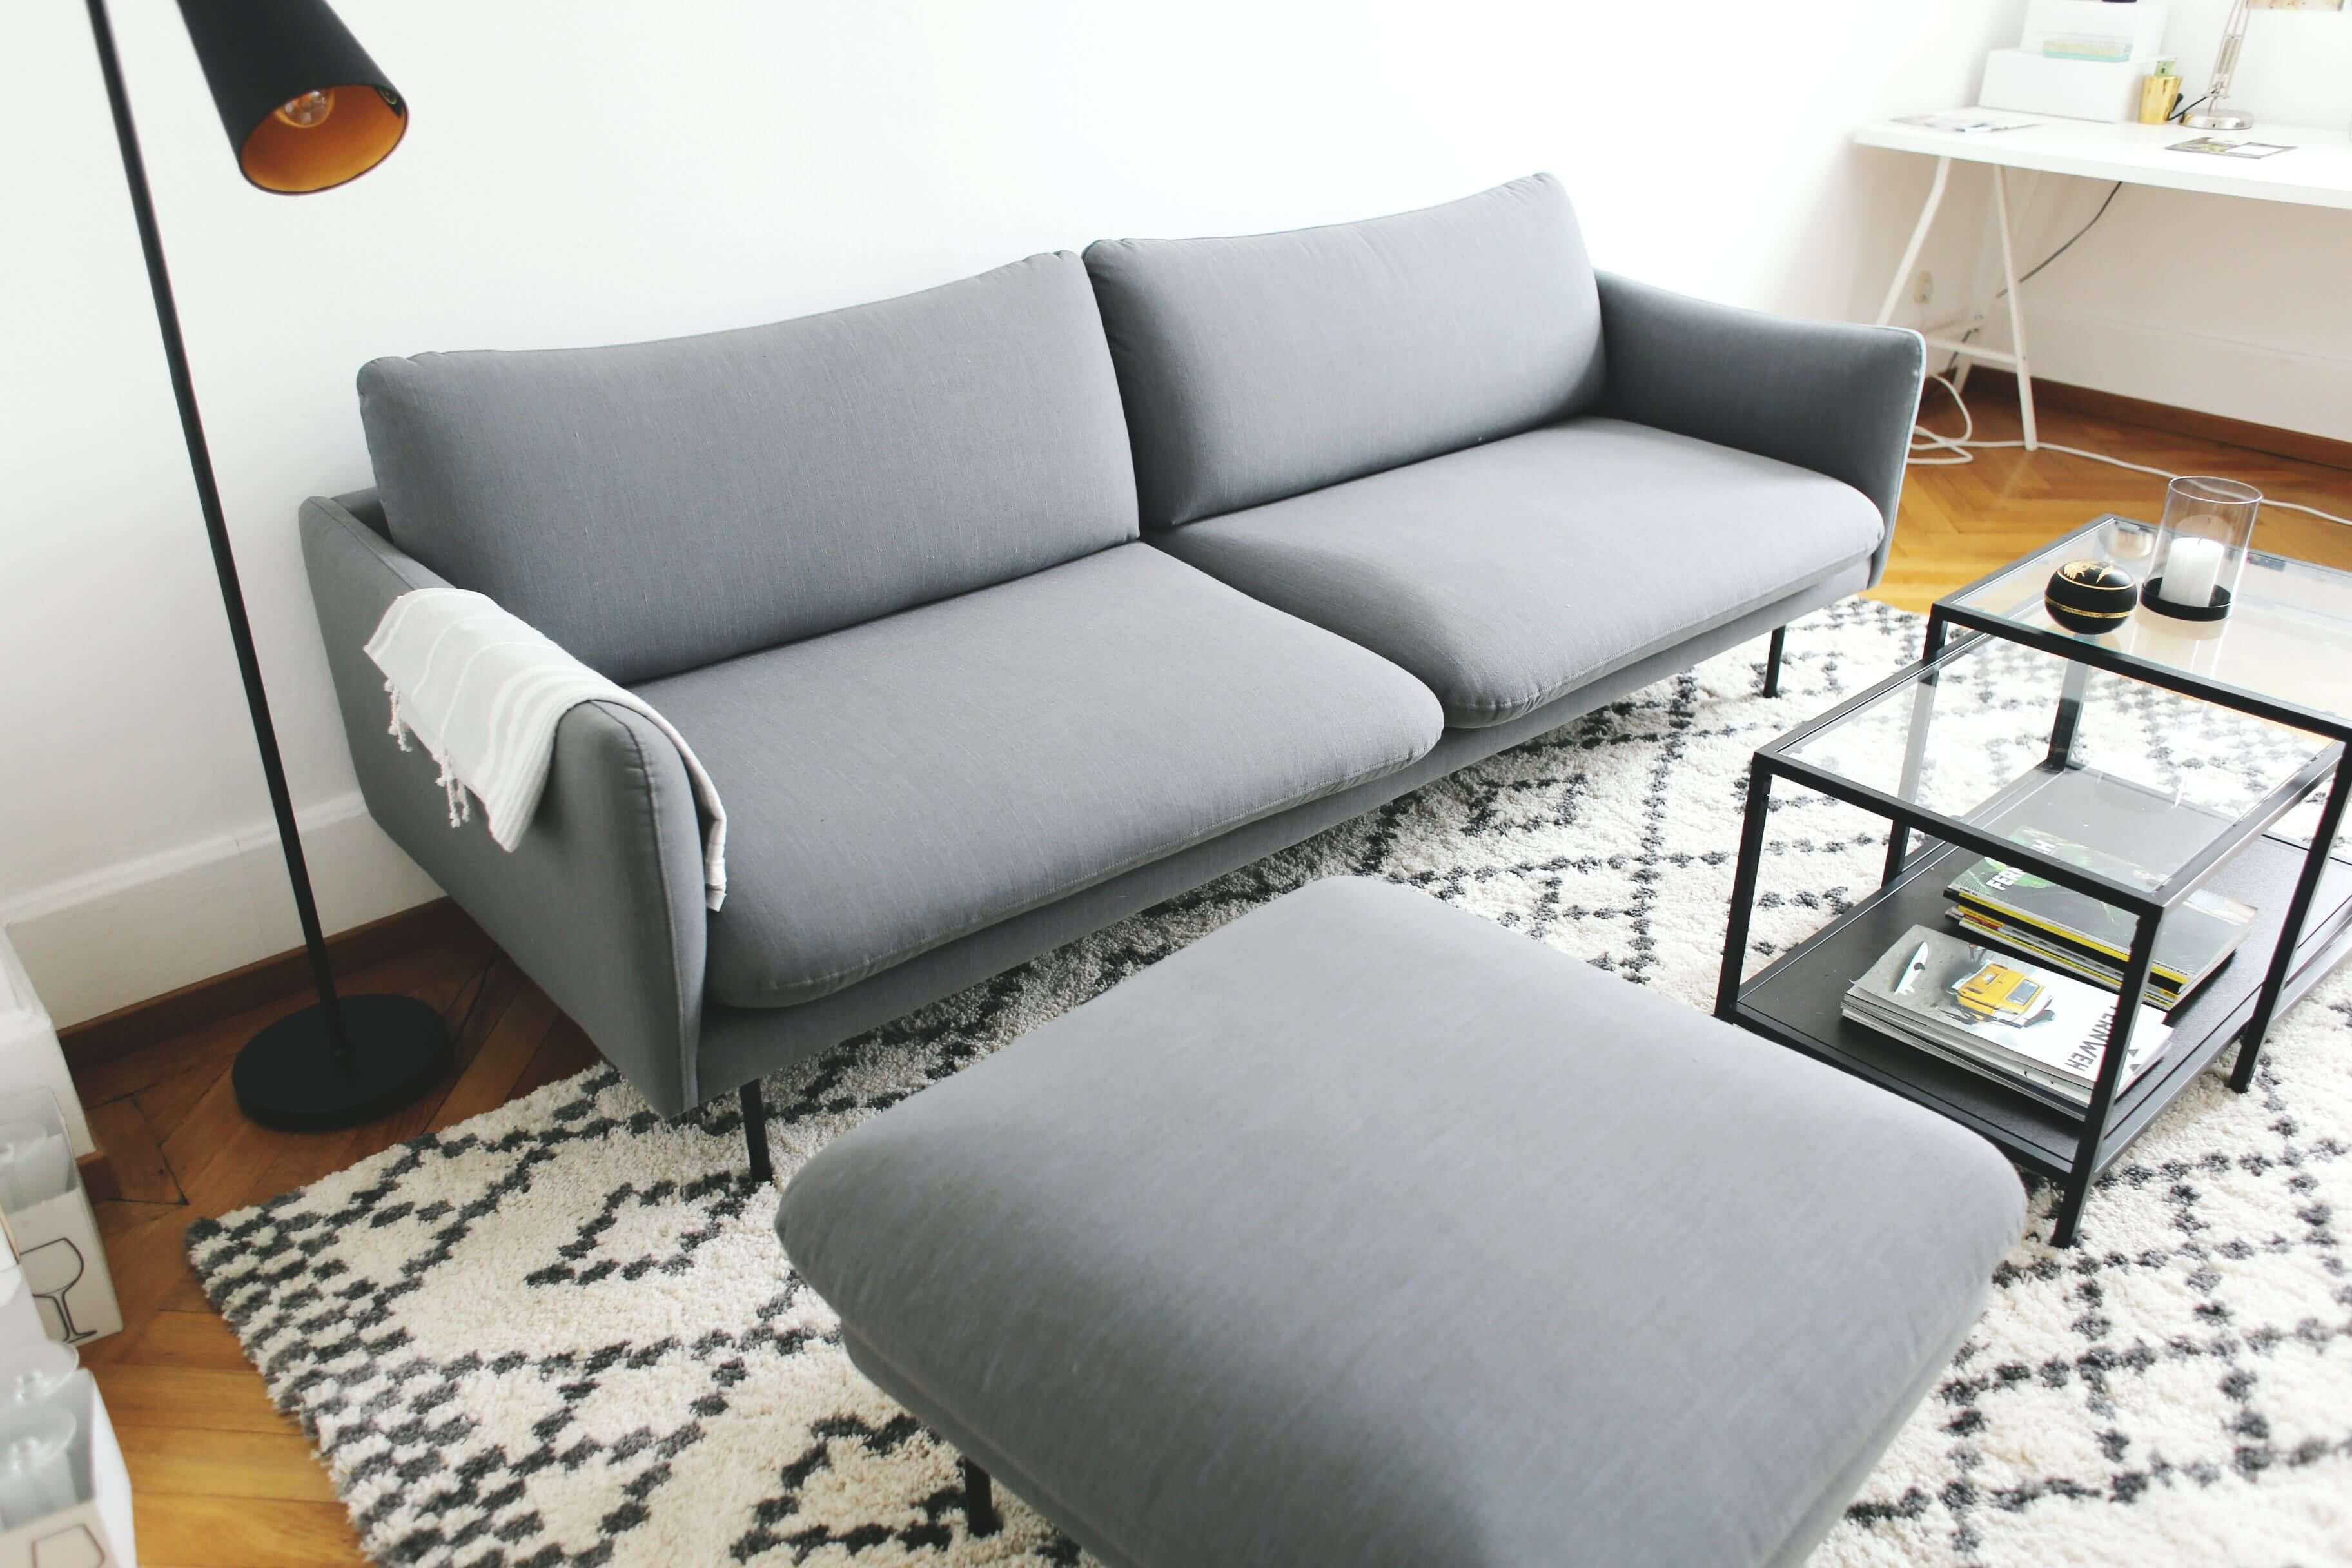 Fesselnde Sofa Wohnzimmer Dekoration Von Couch-sofa-wohnzimmer-interior-doandlive-ottoliving-otto